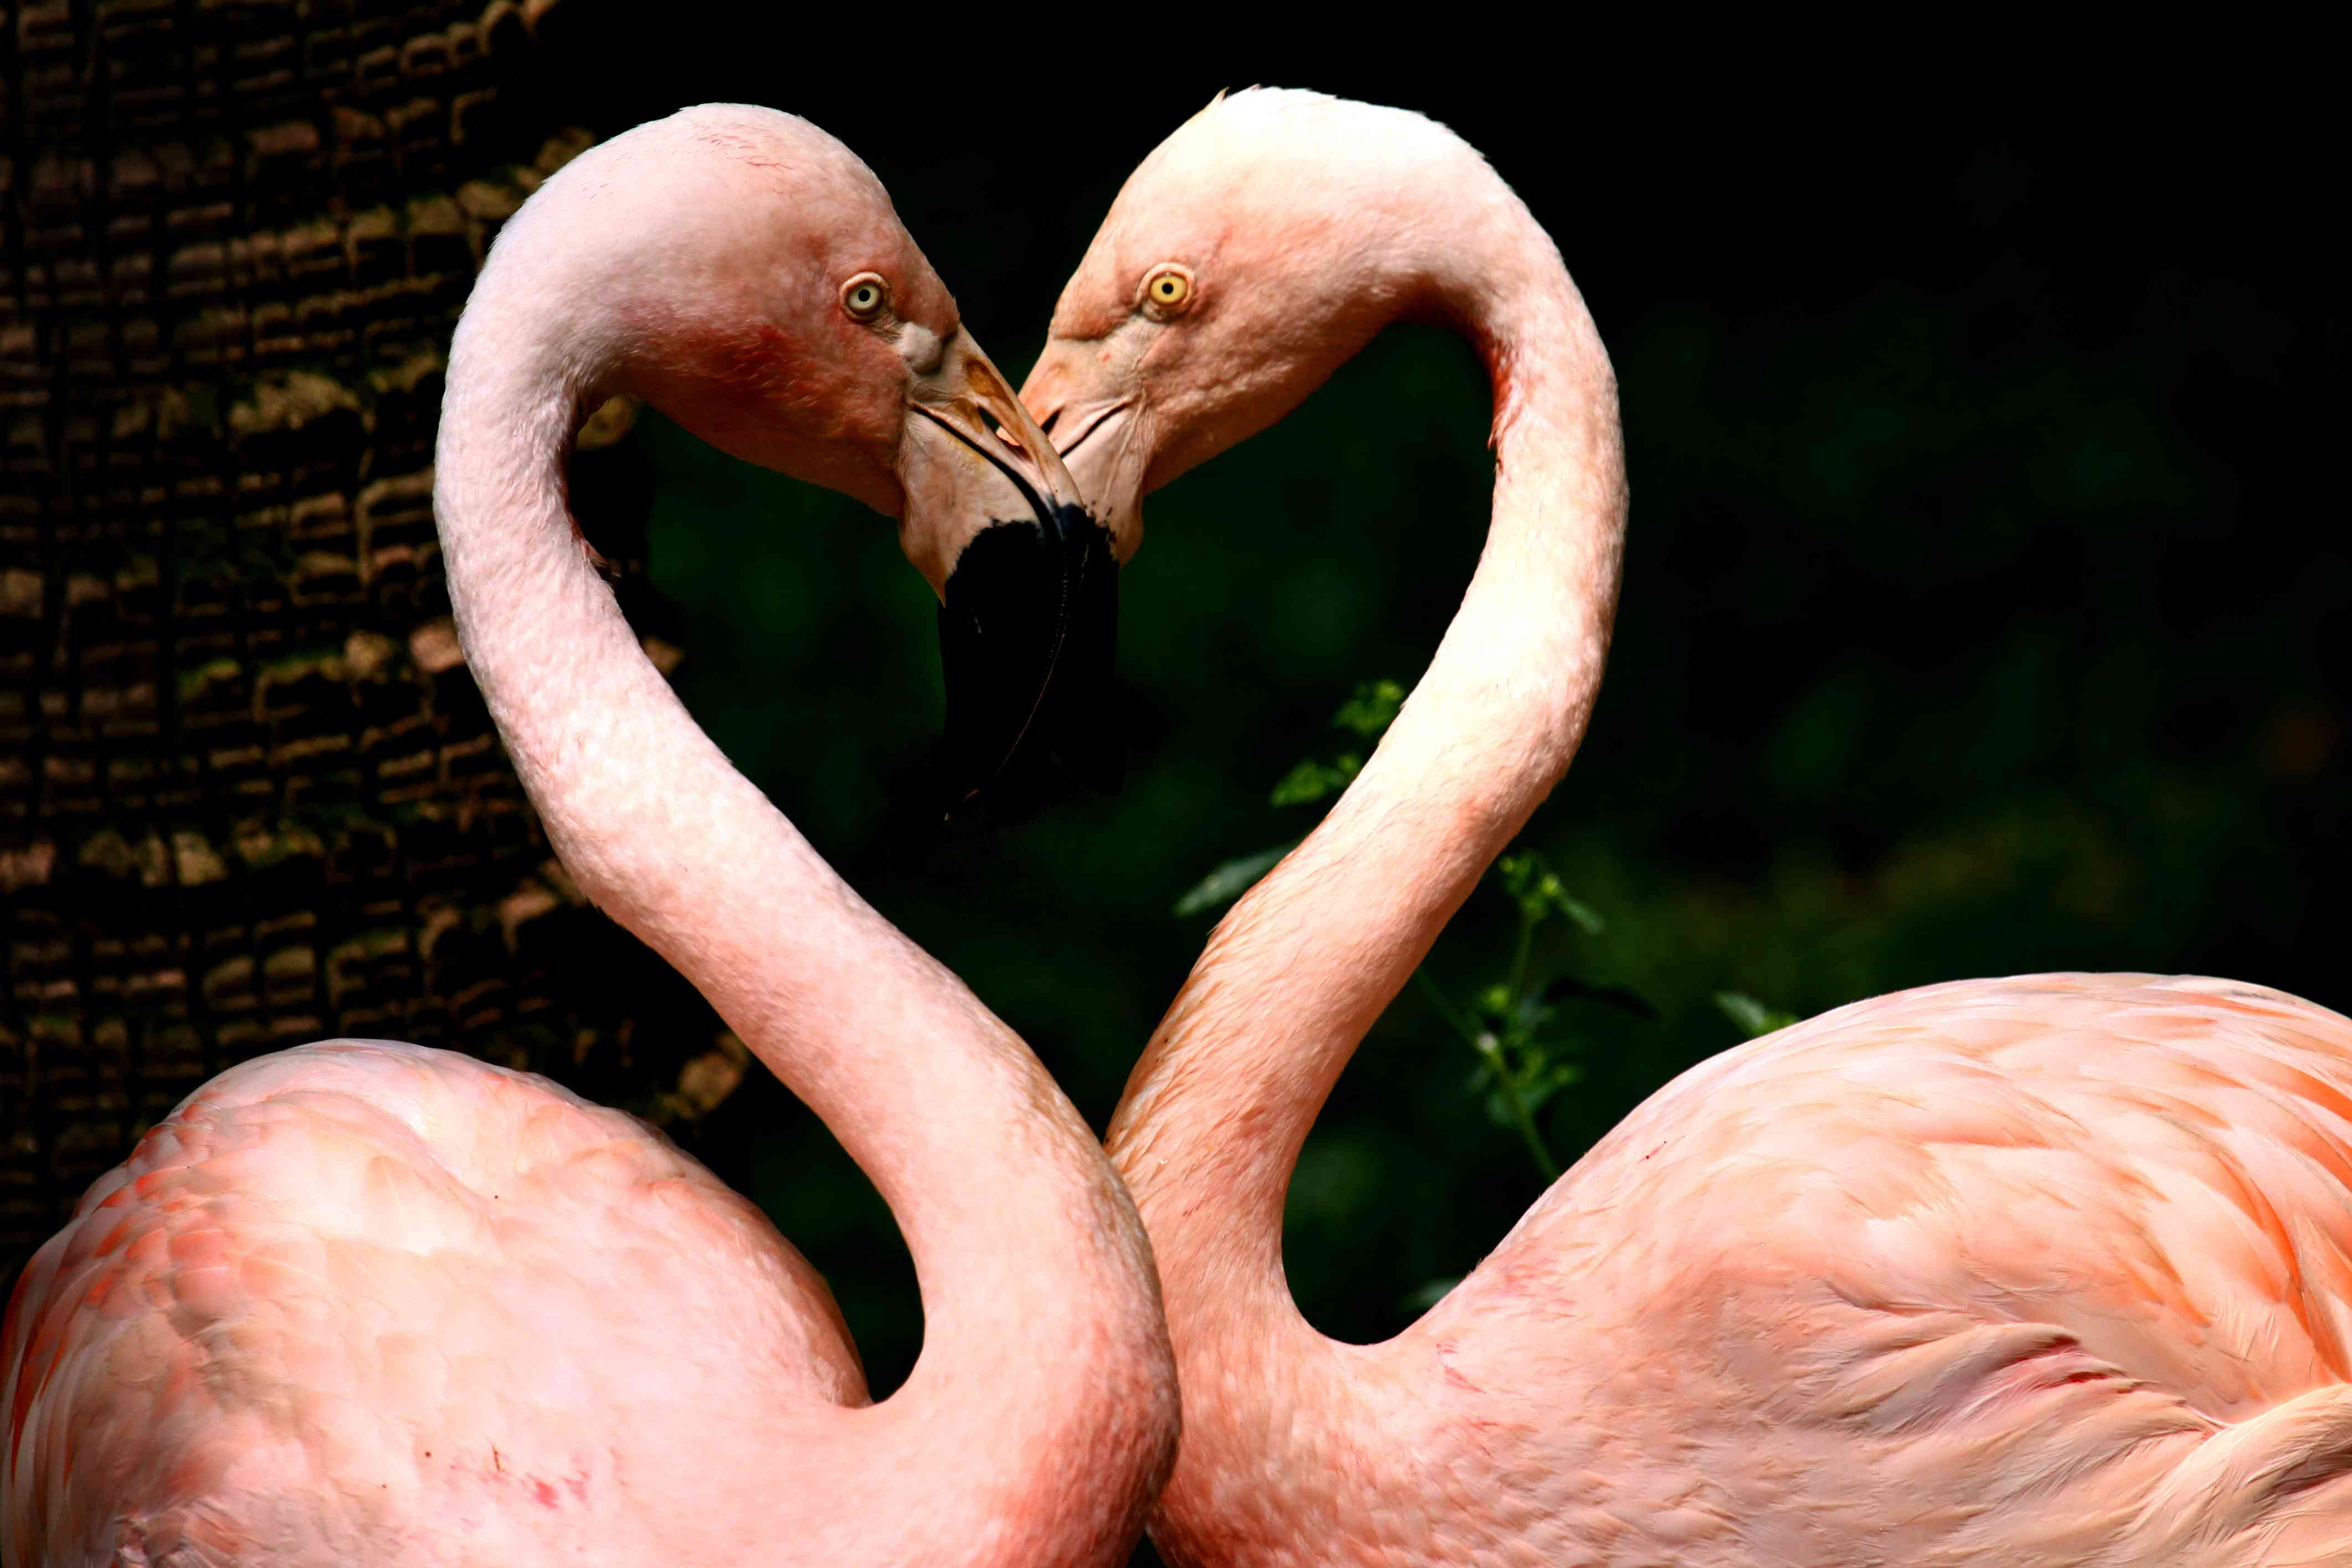 Love by heart